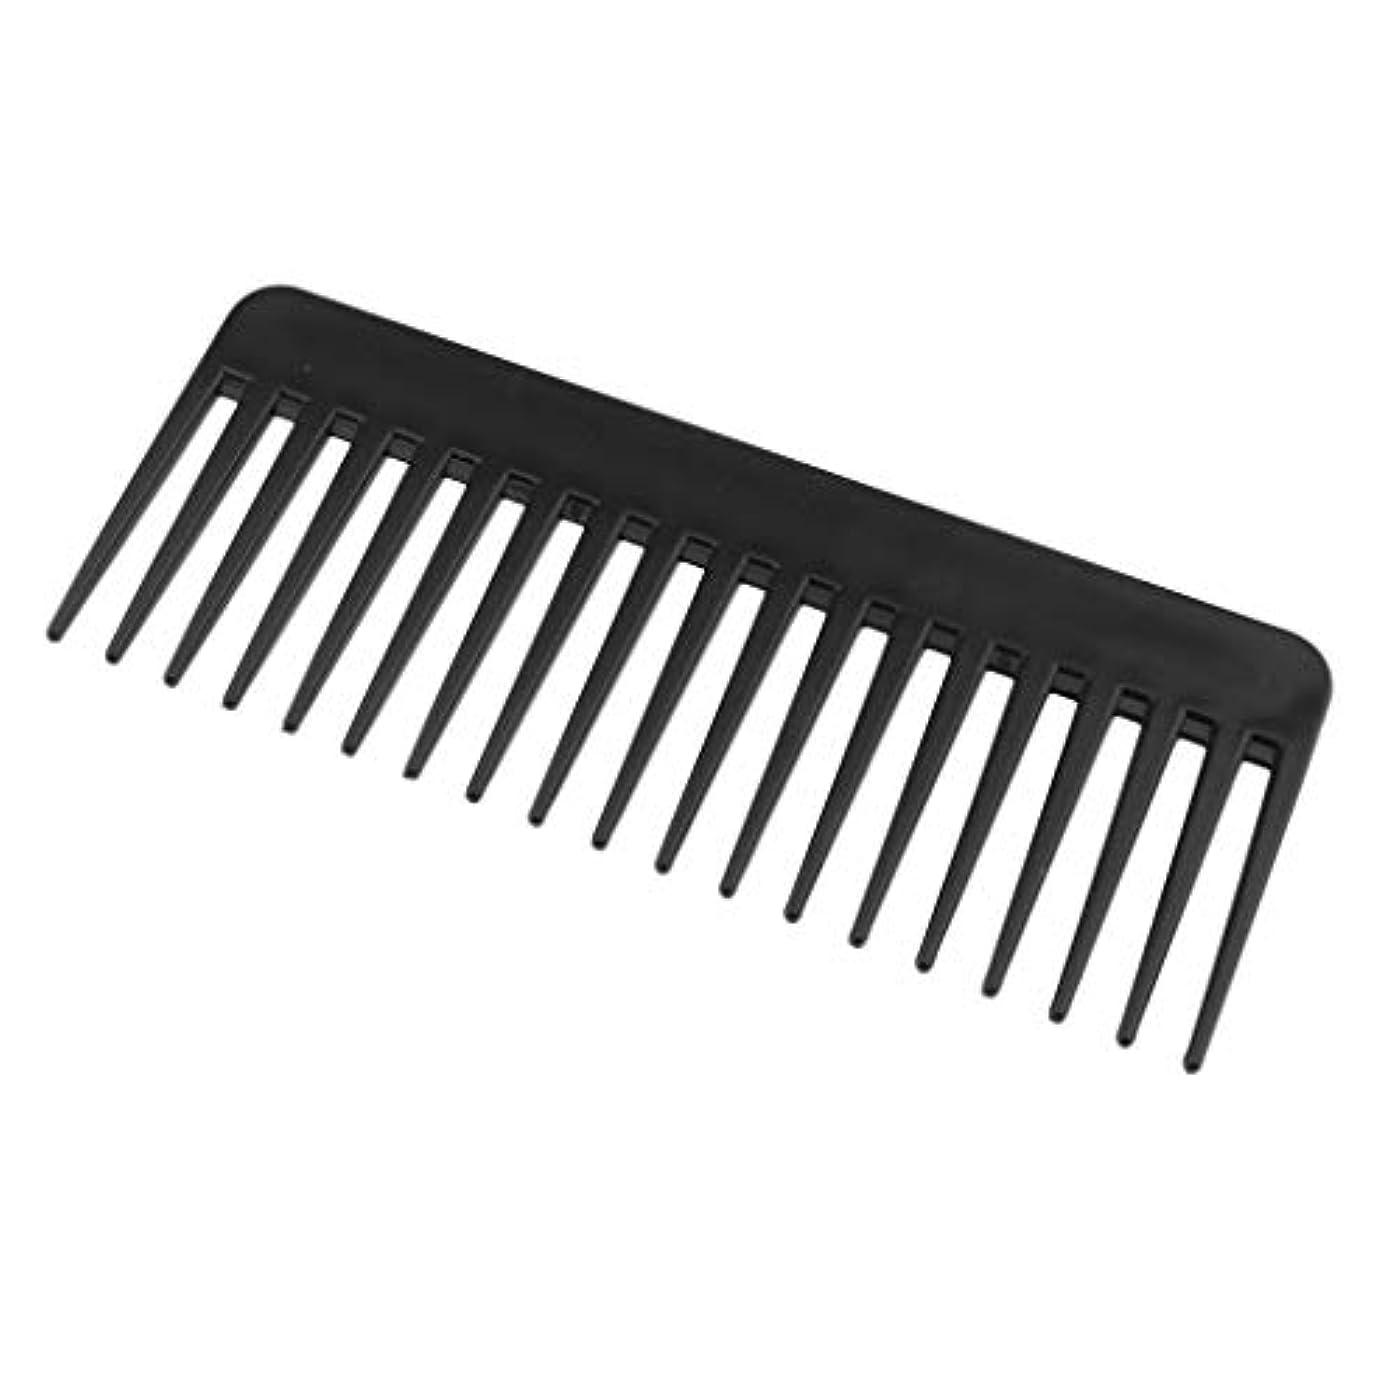 アパート無謀不完全な帯電防止くし プラスチック製 ヘアブラシ 丈夫 3色選べ - ブラック